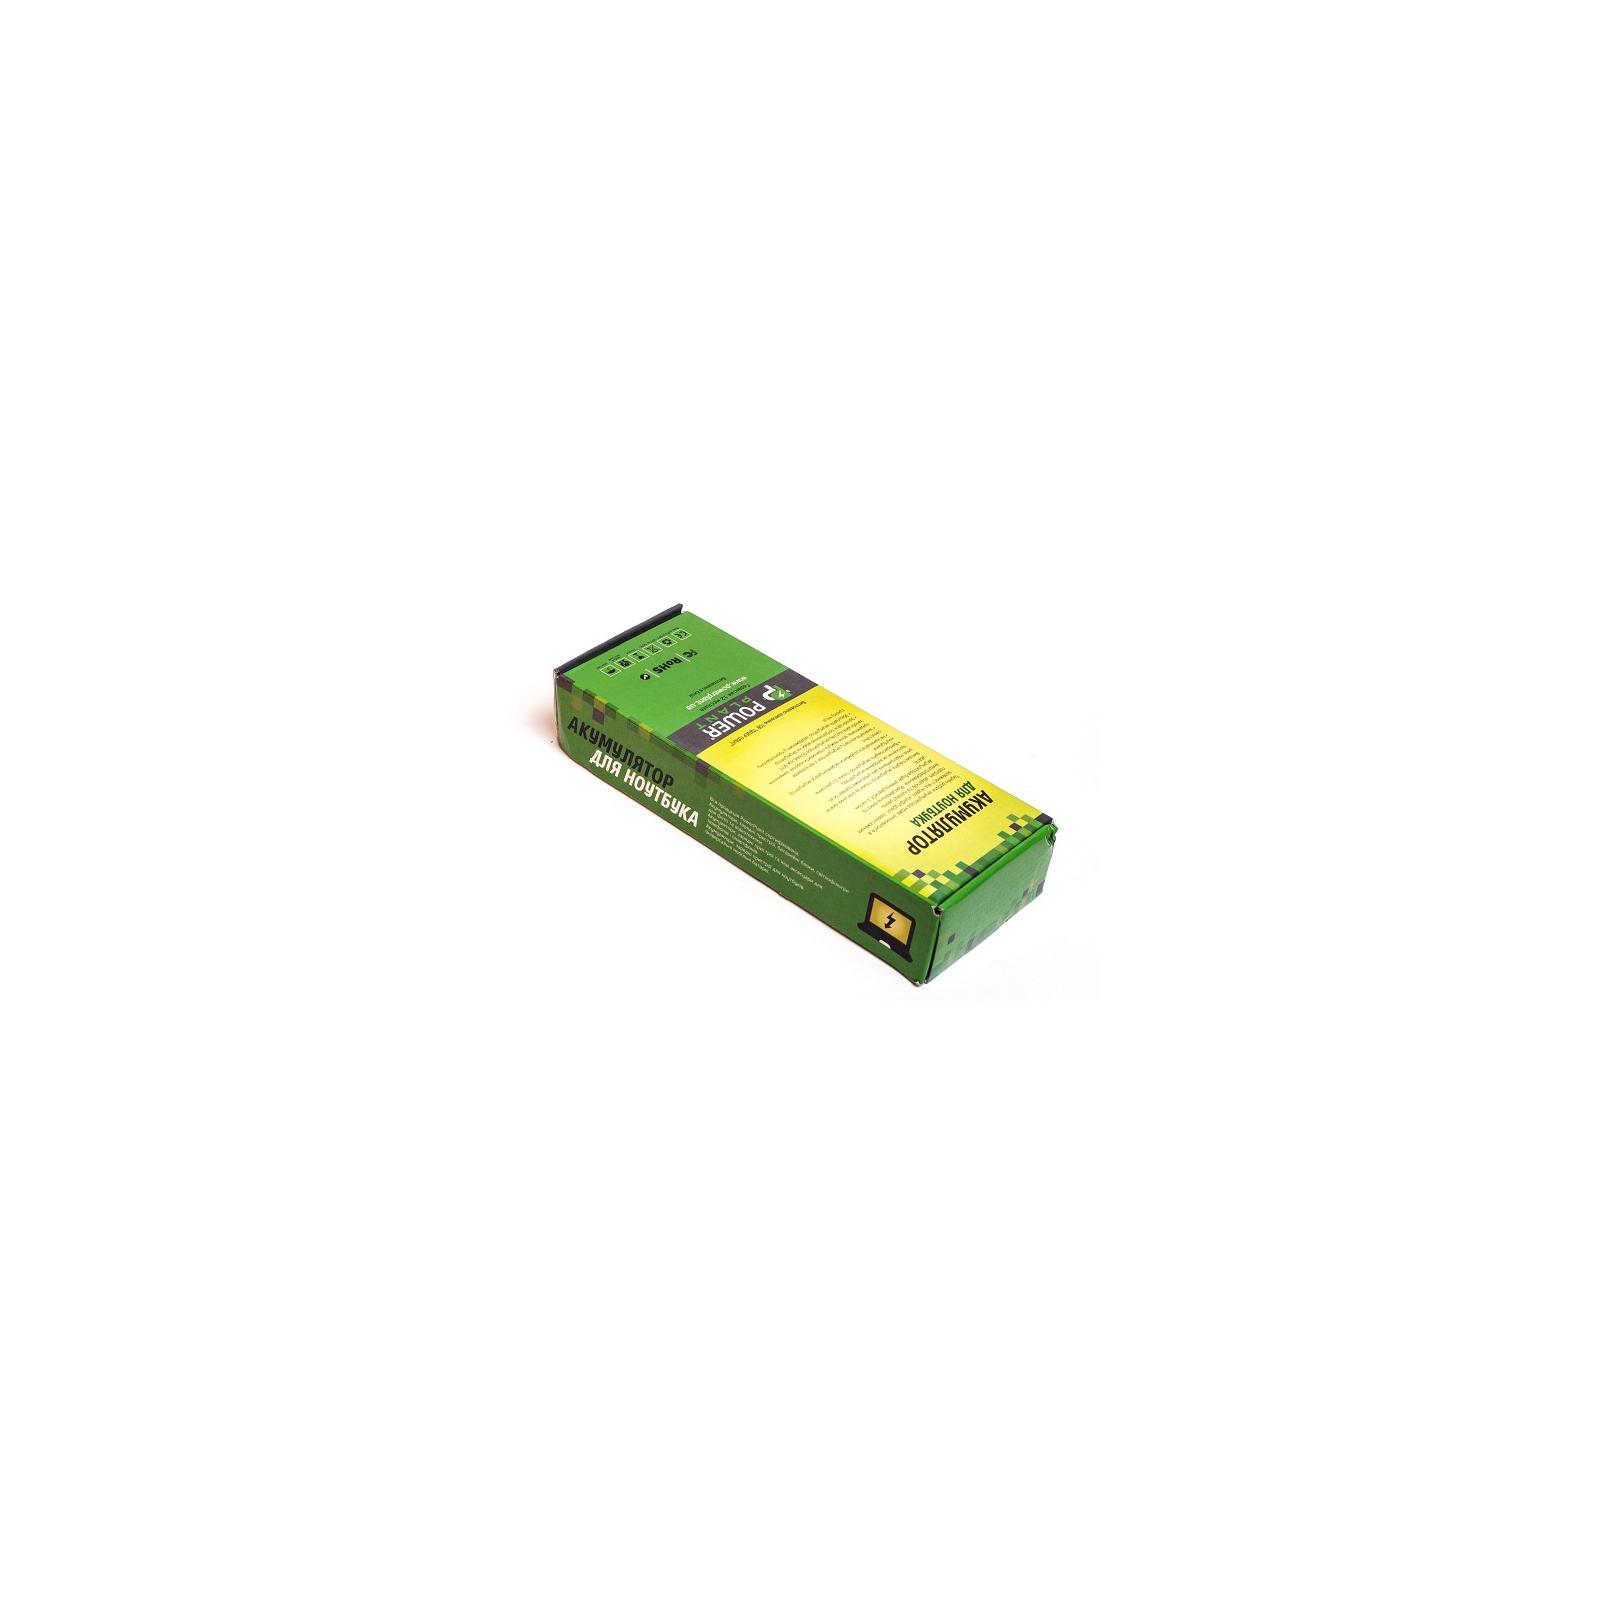 Аккумулятор для ноутбука DELL Studio 1747 ( M909P DE1745-6/1747) 11.1V 5200mAh PowerPlant (NB00000178) изображение 2